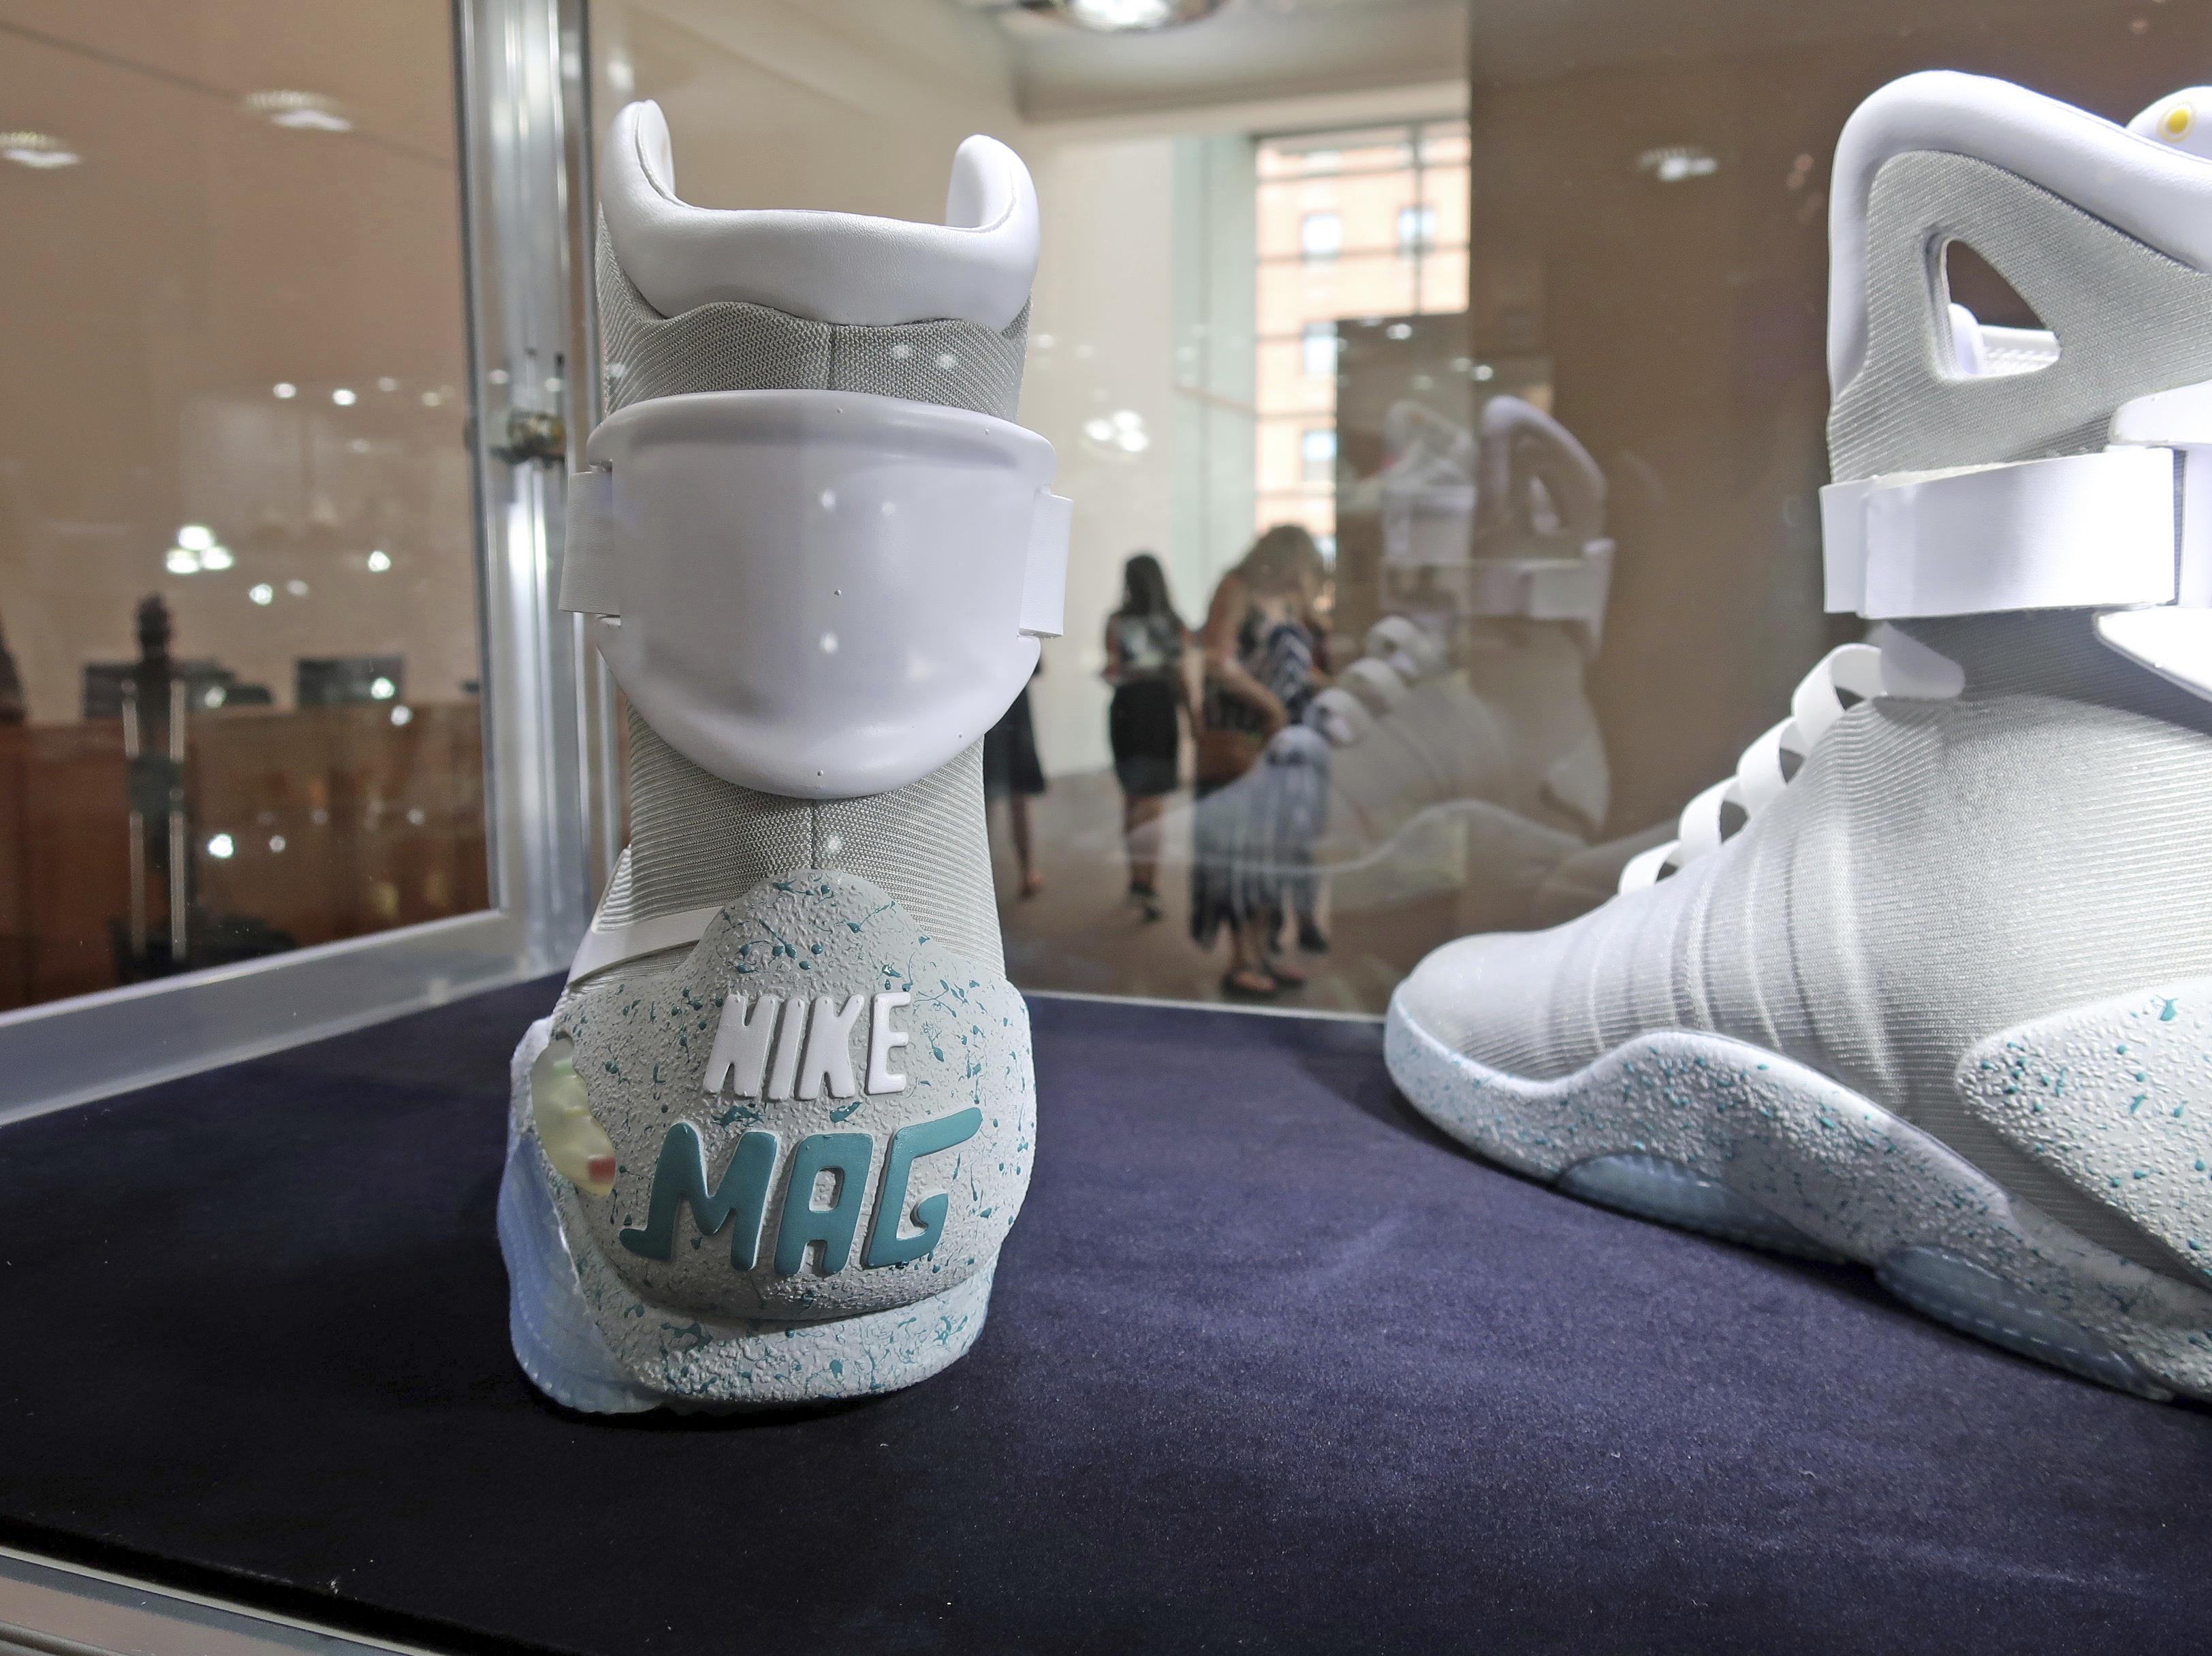 """El """"Nike Mag Back to the Future"""" es uno de dos modelos inspirados en el filme """"Back to the Future"""". Fueron creados en 2016 para recaudar fondos para la investigación del Parkinson, enfermedad que padece Michael J. Fox, protagonista de la saga. (AP)"""